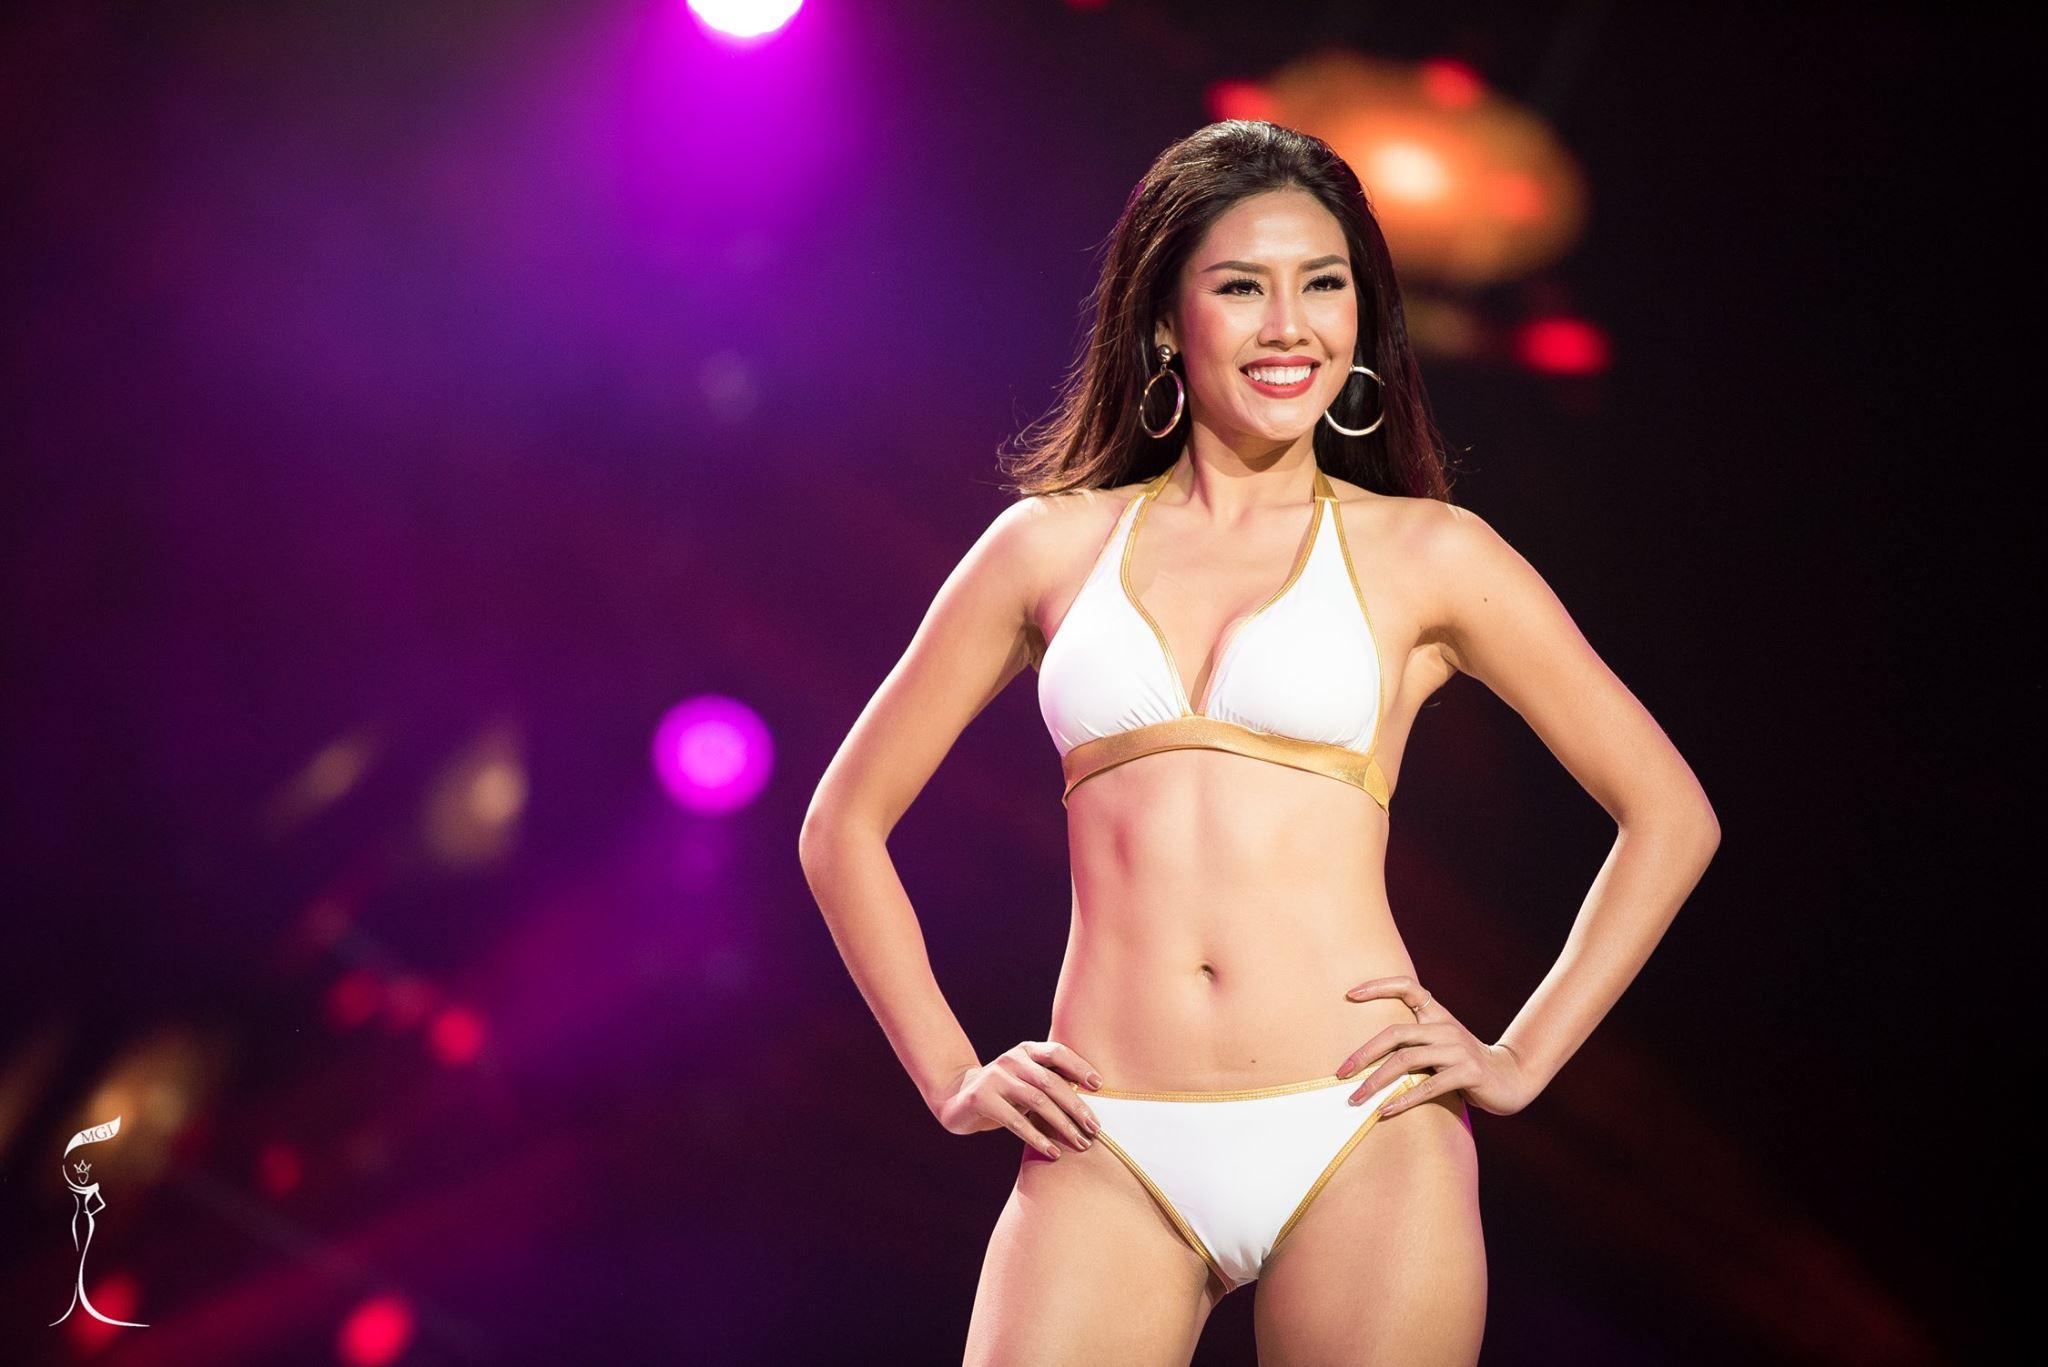 Nguyễn Loan lọt top 20 Hoa hậu Hòa bình Quốc tế 2016 - 4